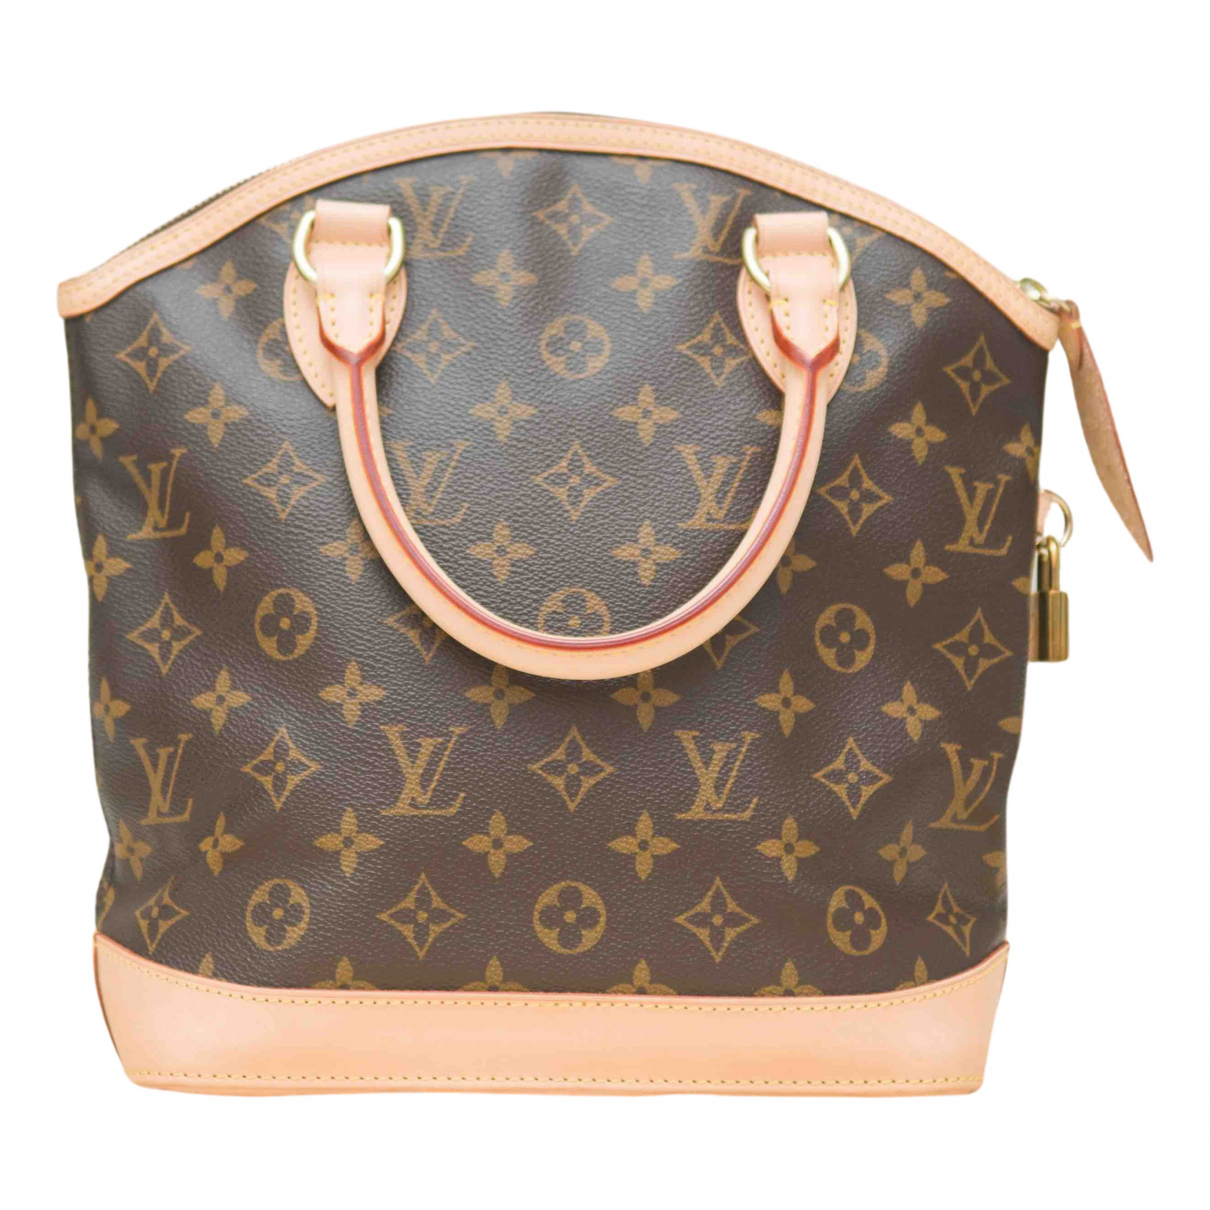 Louis Vuitton - Sac a main Lockit pour femme en toile - marron